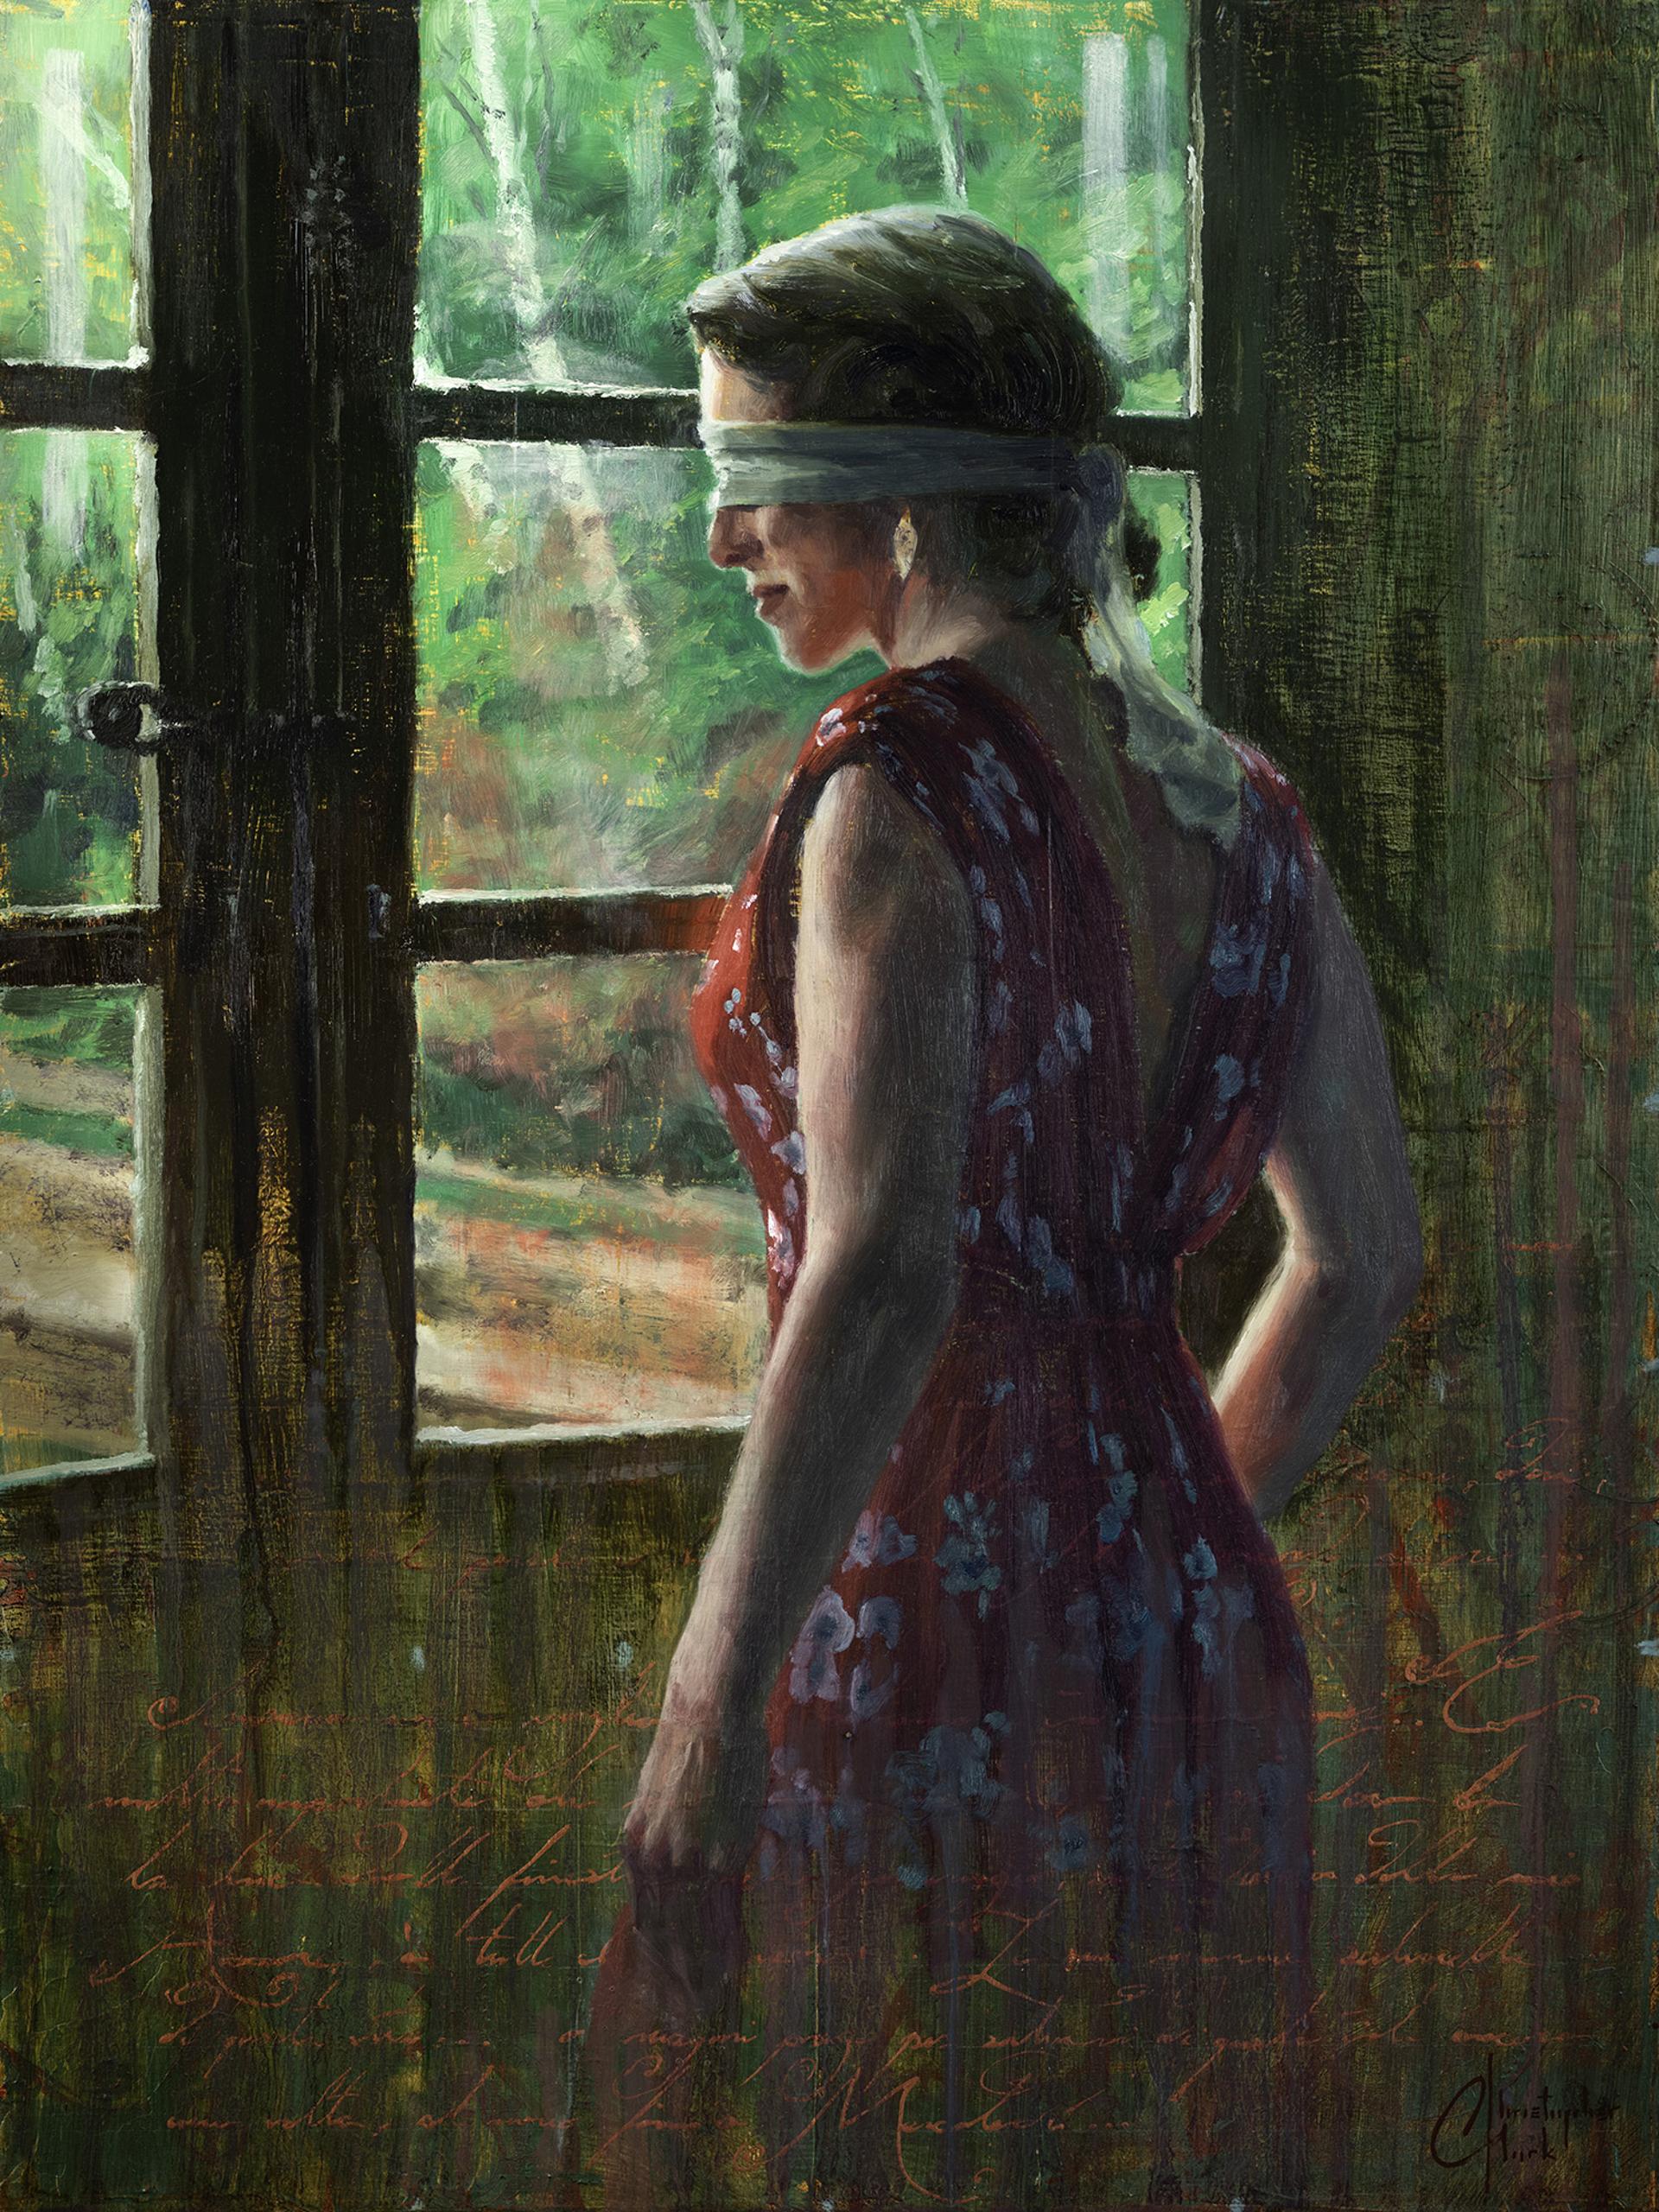 Feeling the Light by Christopher Clark